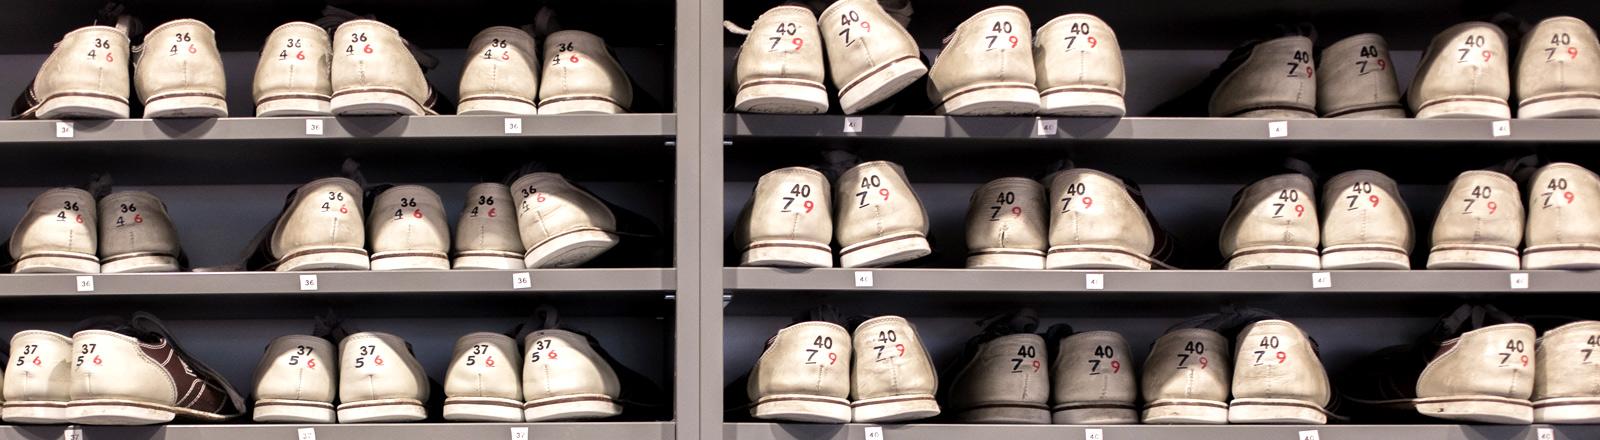 Aufgereihte Schuhe in einem Regal